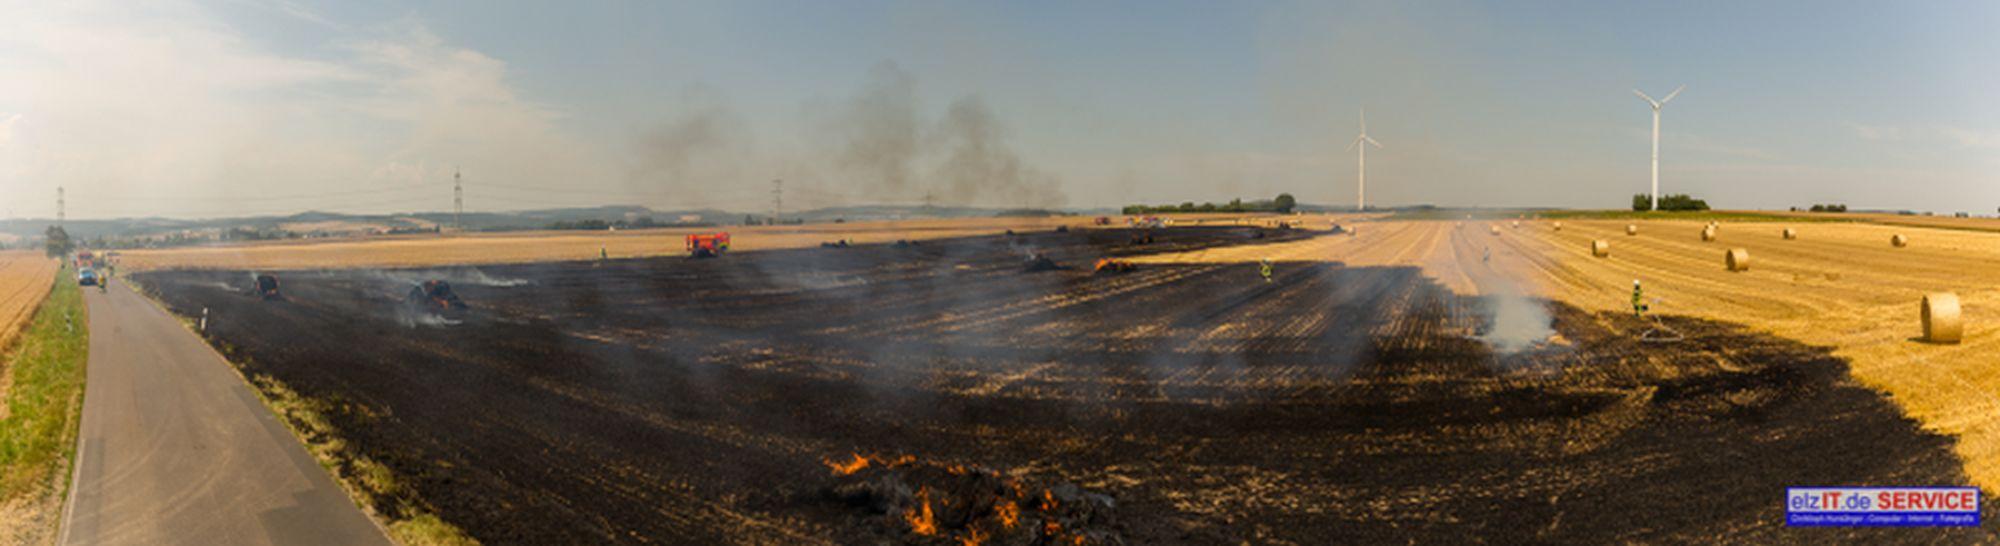 26.07.2019 13:58 Uhr Brandeinsatz Feldfläche, Offheim